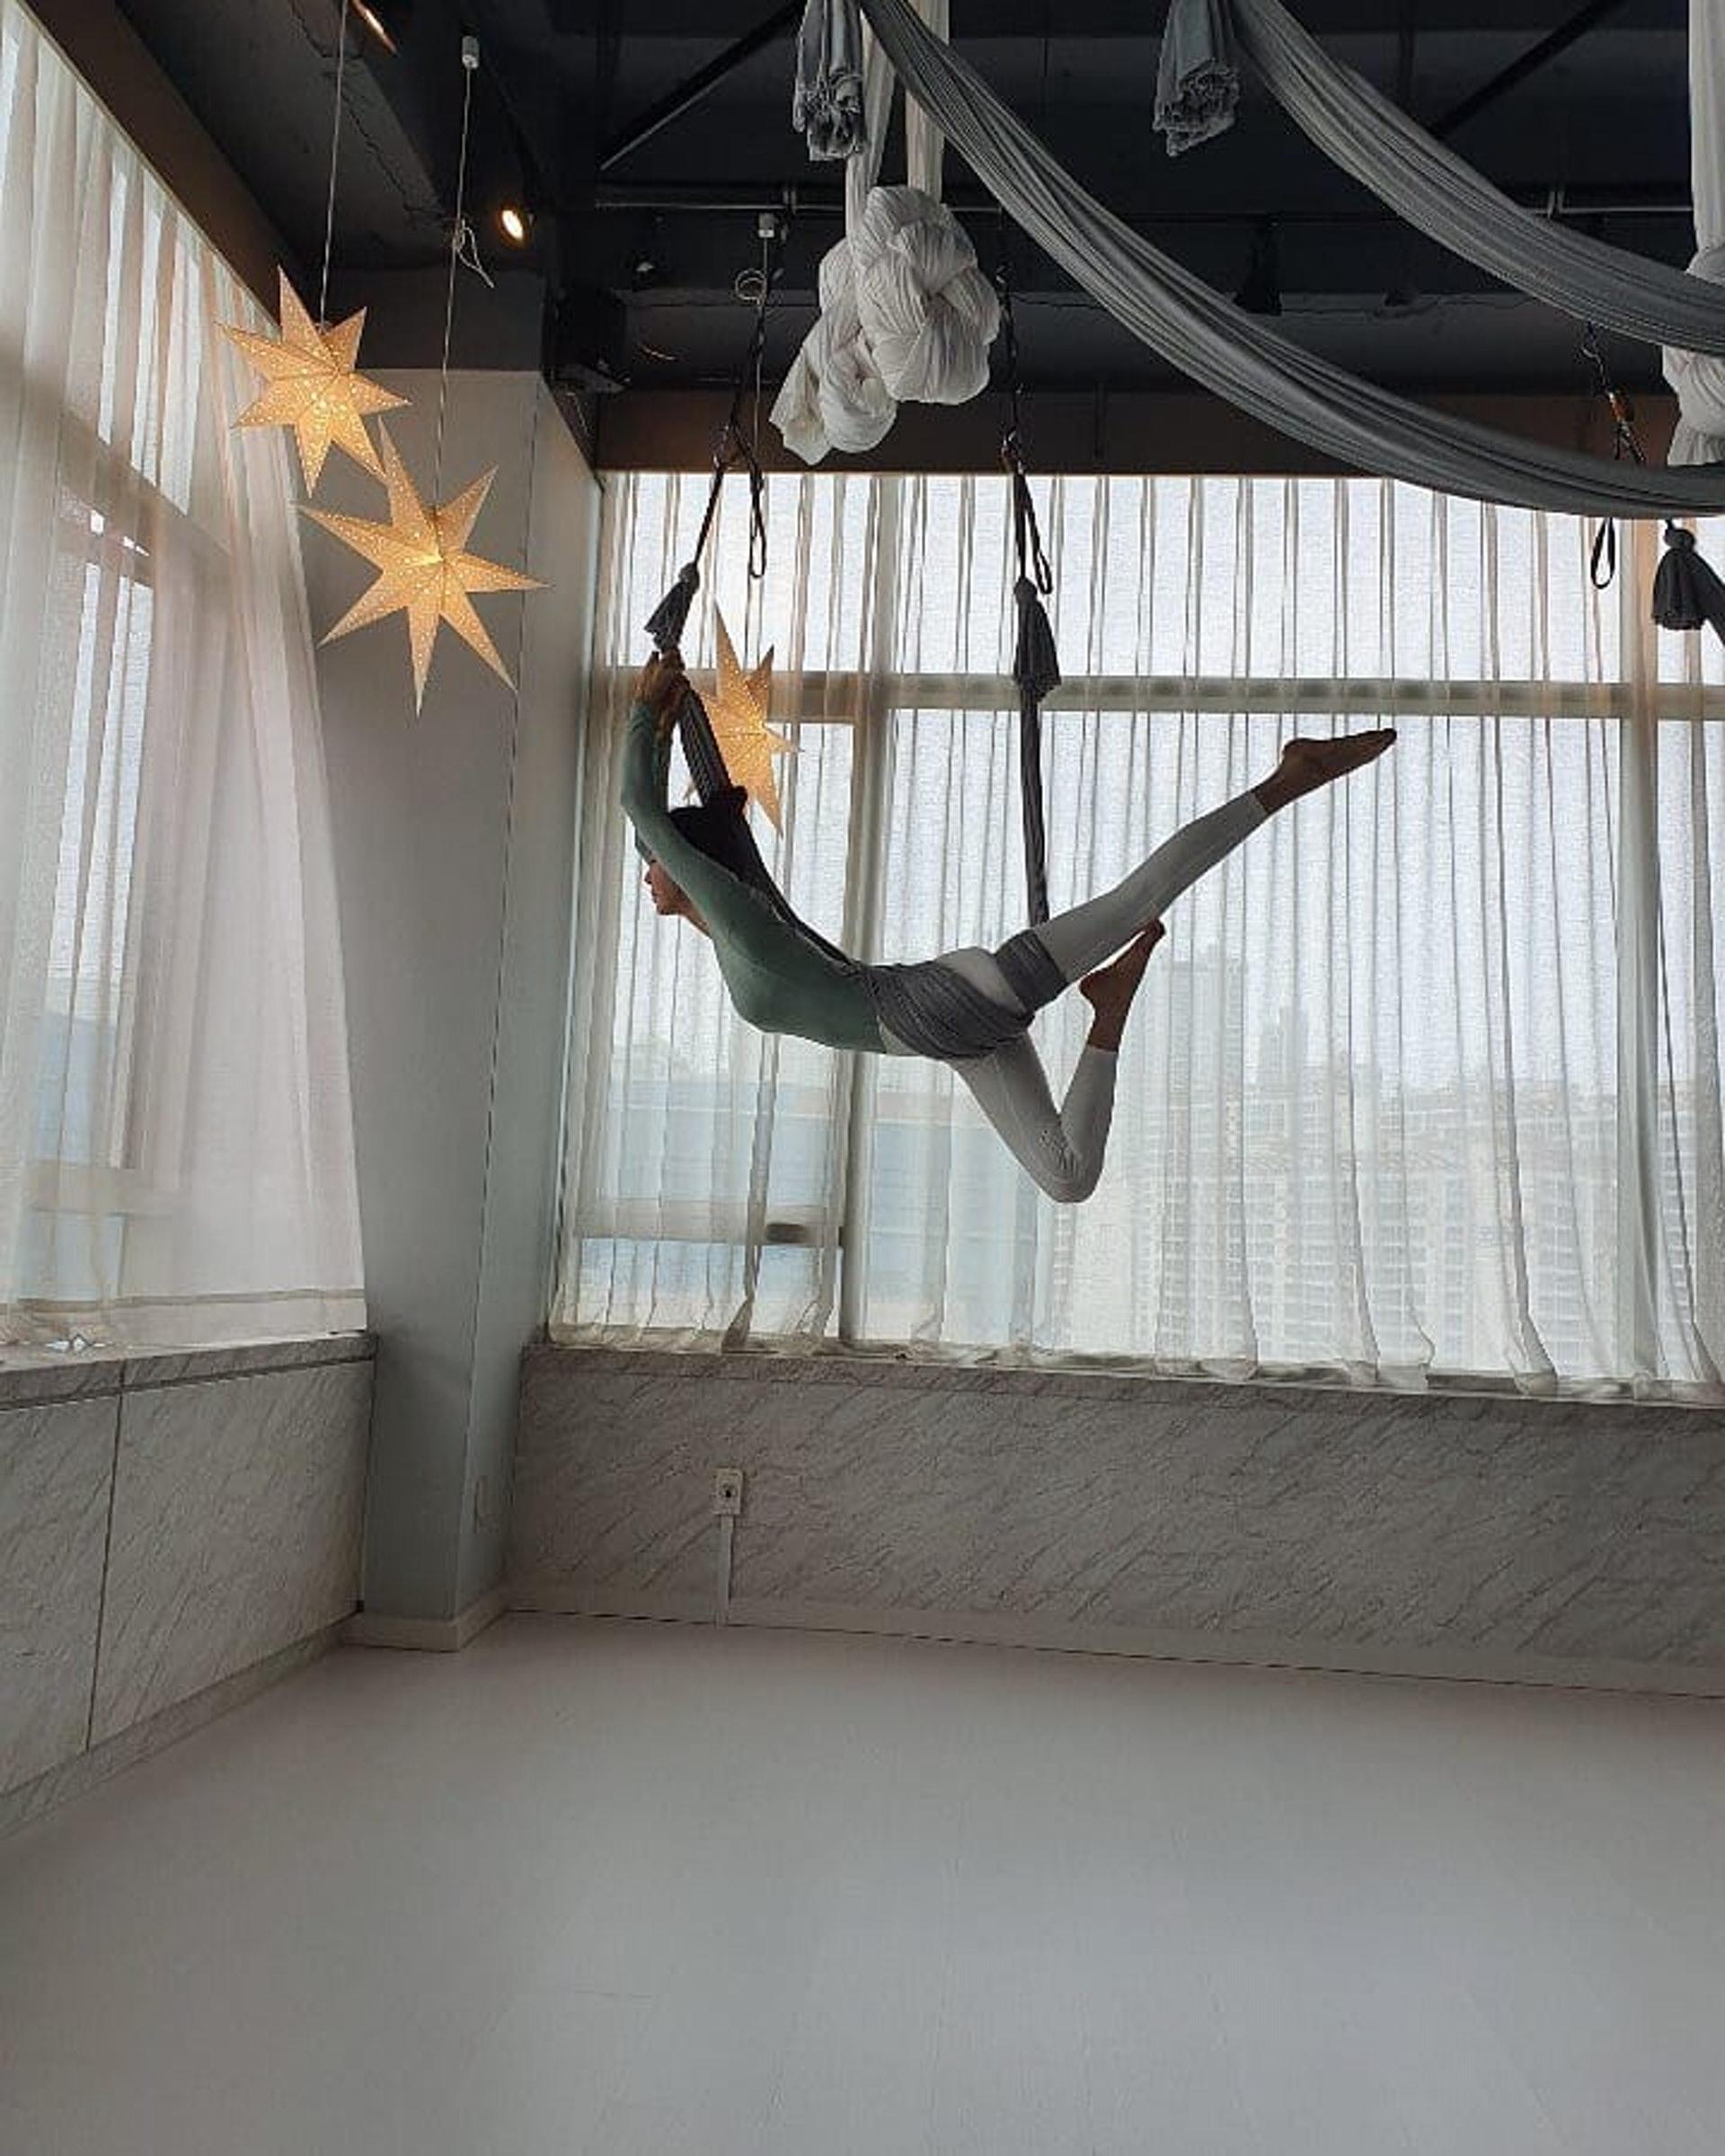 李多熙過去曾表示自己不愛做運動,但近年愛上了空中瑜珈。(Instagram:@dahee0315)